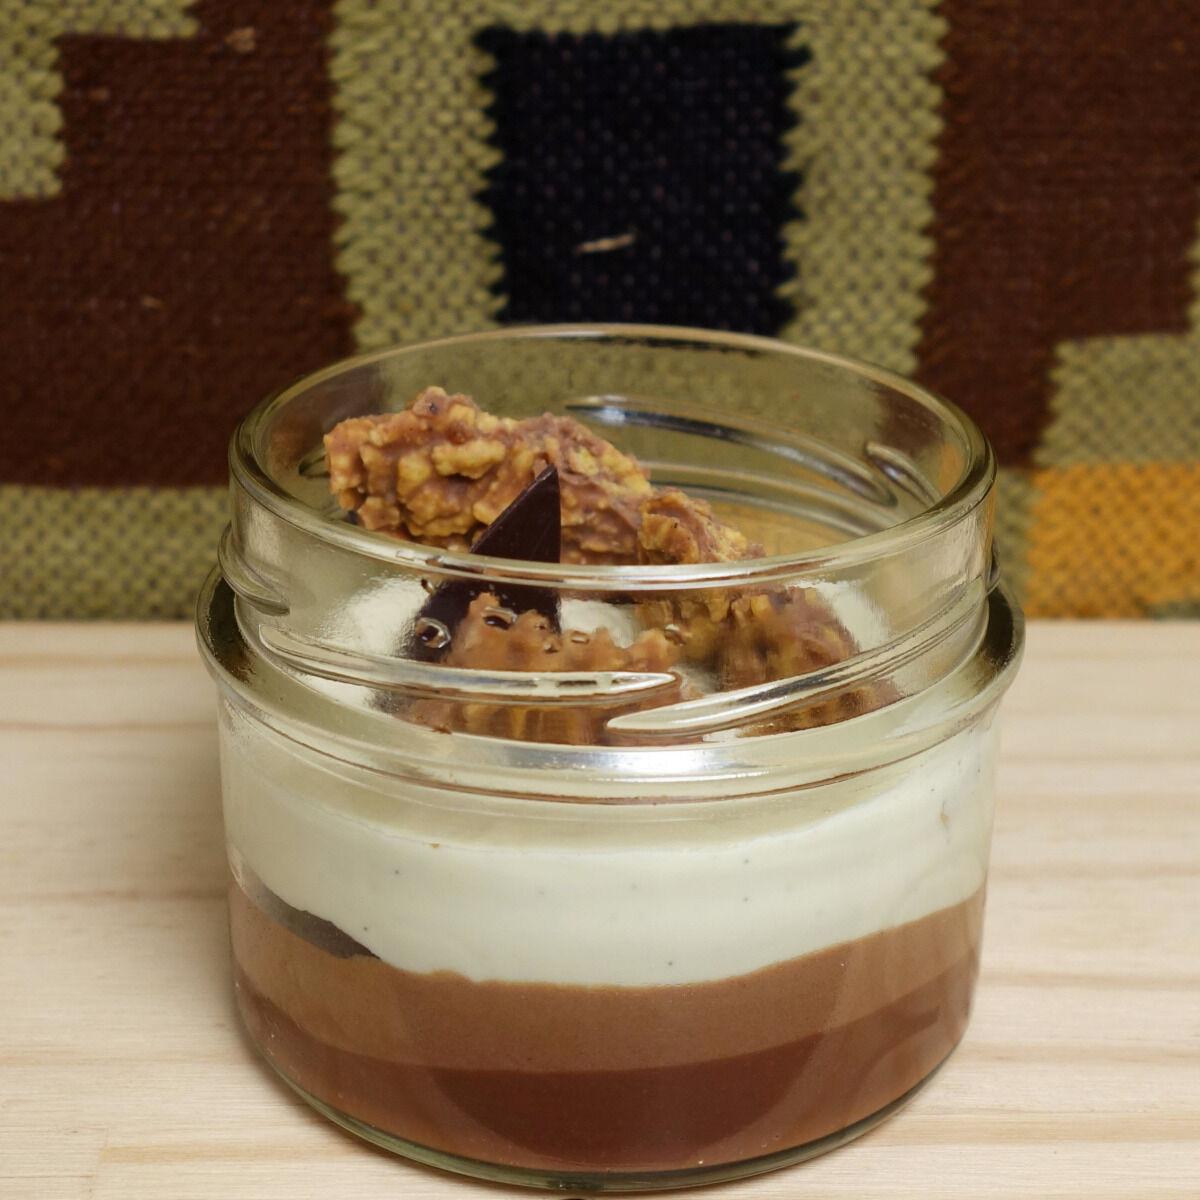 Pâtisserie Kookaburra Nuage Vanille & Chocolat